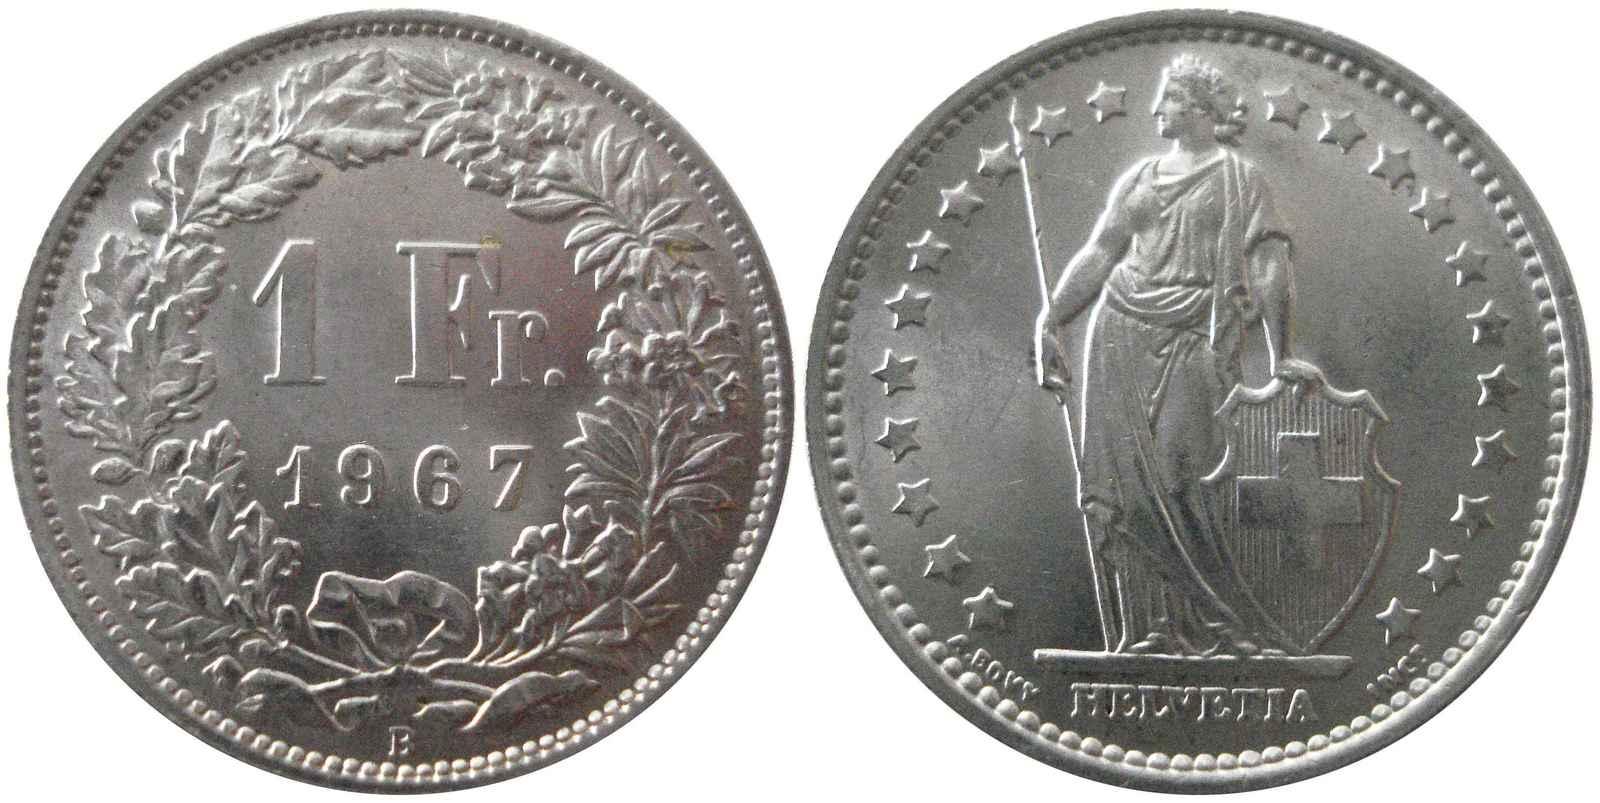 Рубль франк форекс ас отзывы